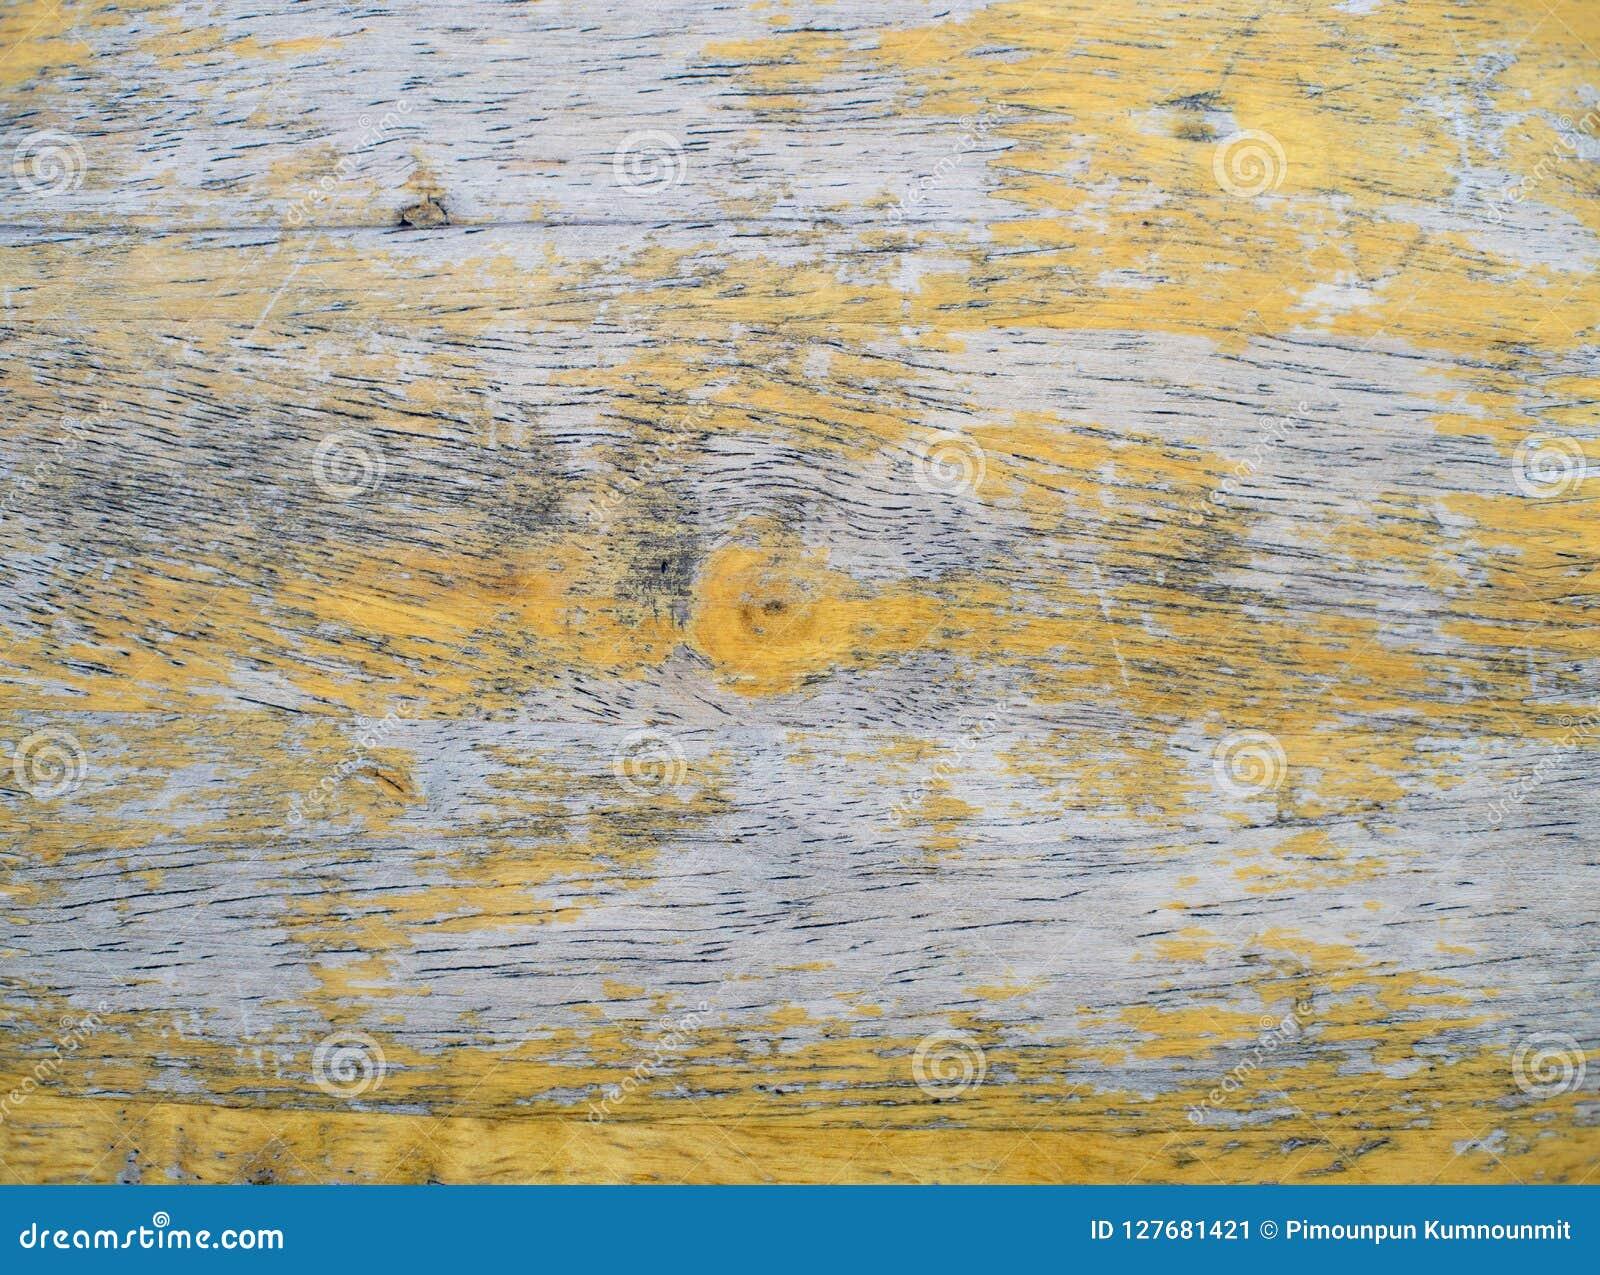 Stary drewniany tło, Struga farbę, drewniana tekstura Żółty koloru rocznika styl